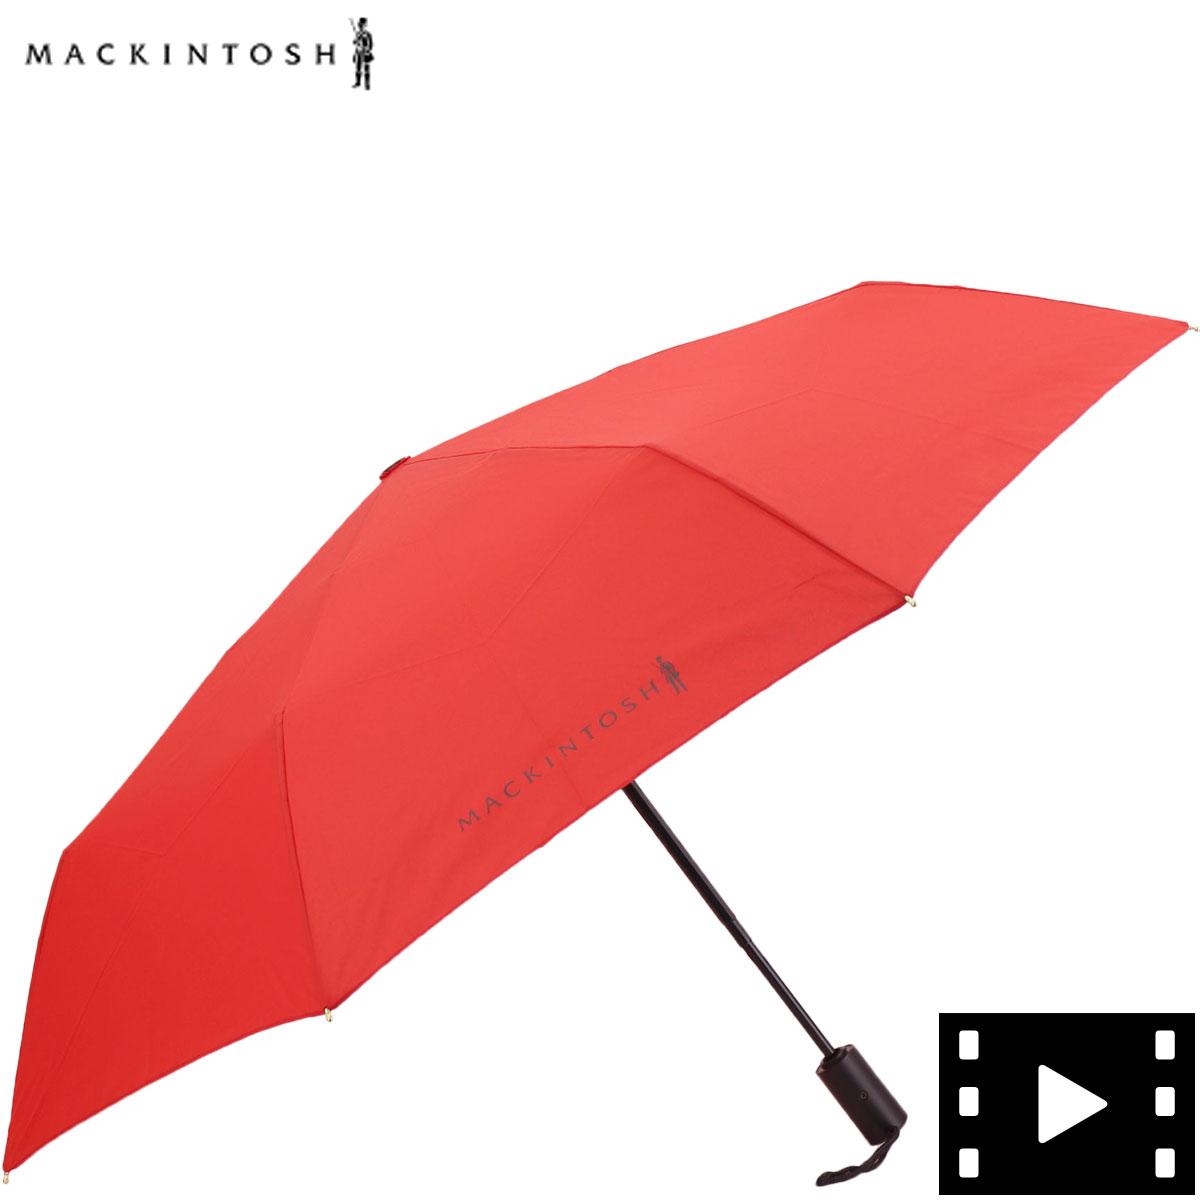 マッキントッシュMACKINTOSHワンタッチ開閉式晴雨兼用折り畳み傘ACC-027MCTA211CL0027UBUARED(レッド)